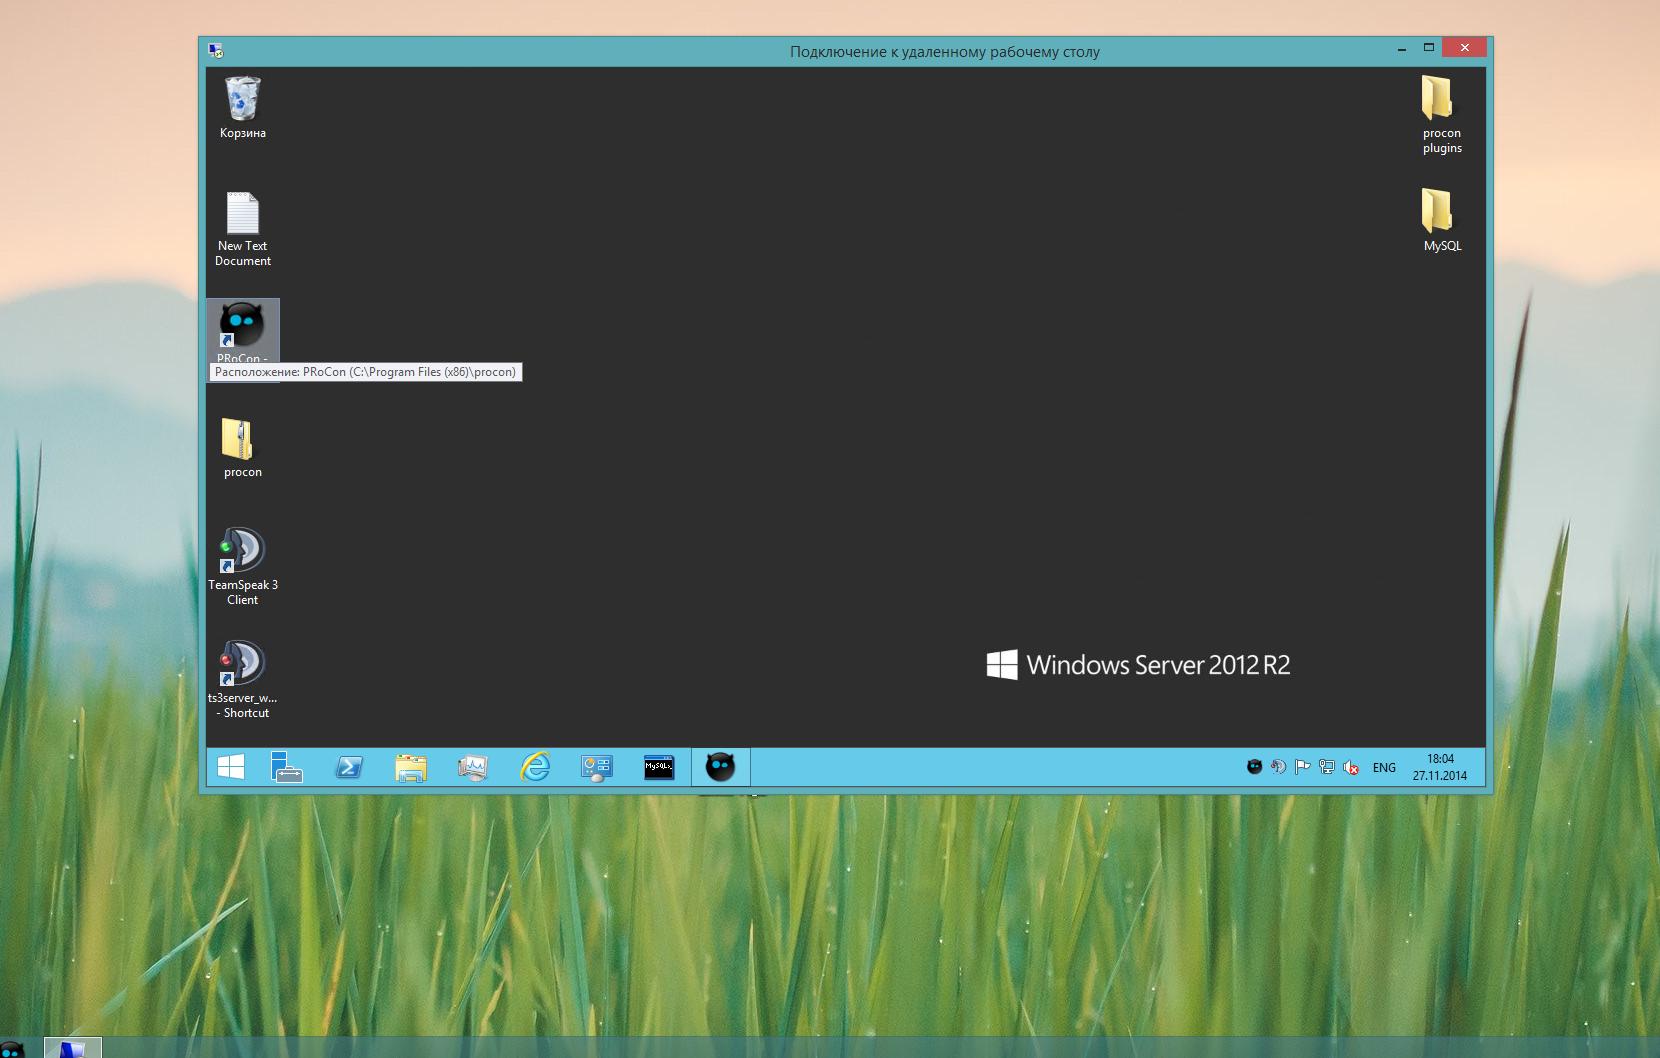 2014-11-27 17-04-03 Скриншот экрана.png